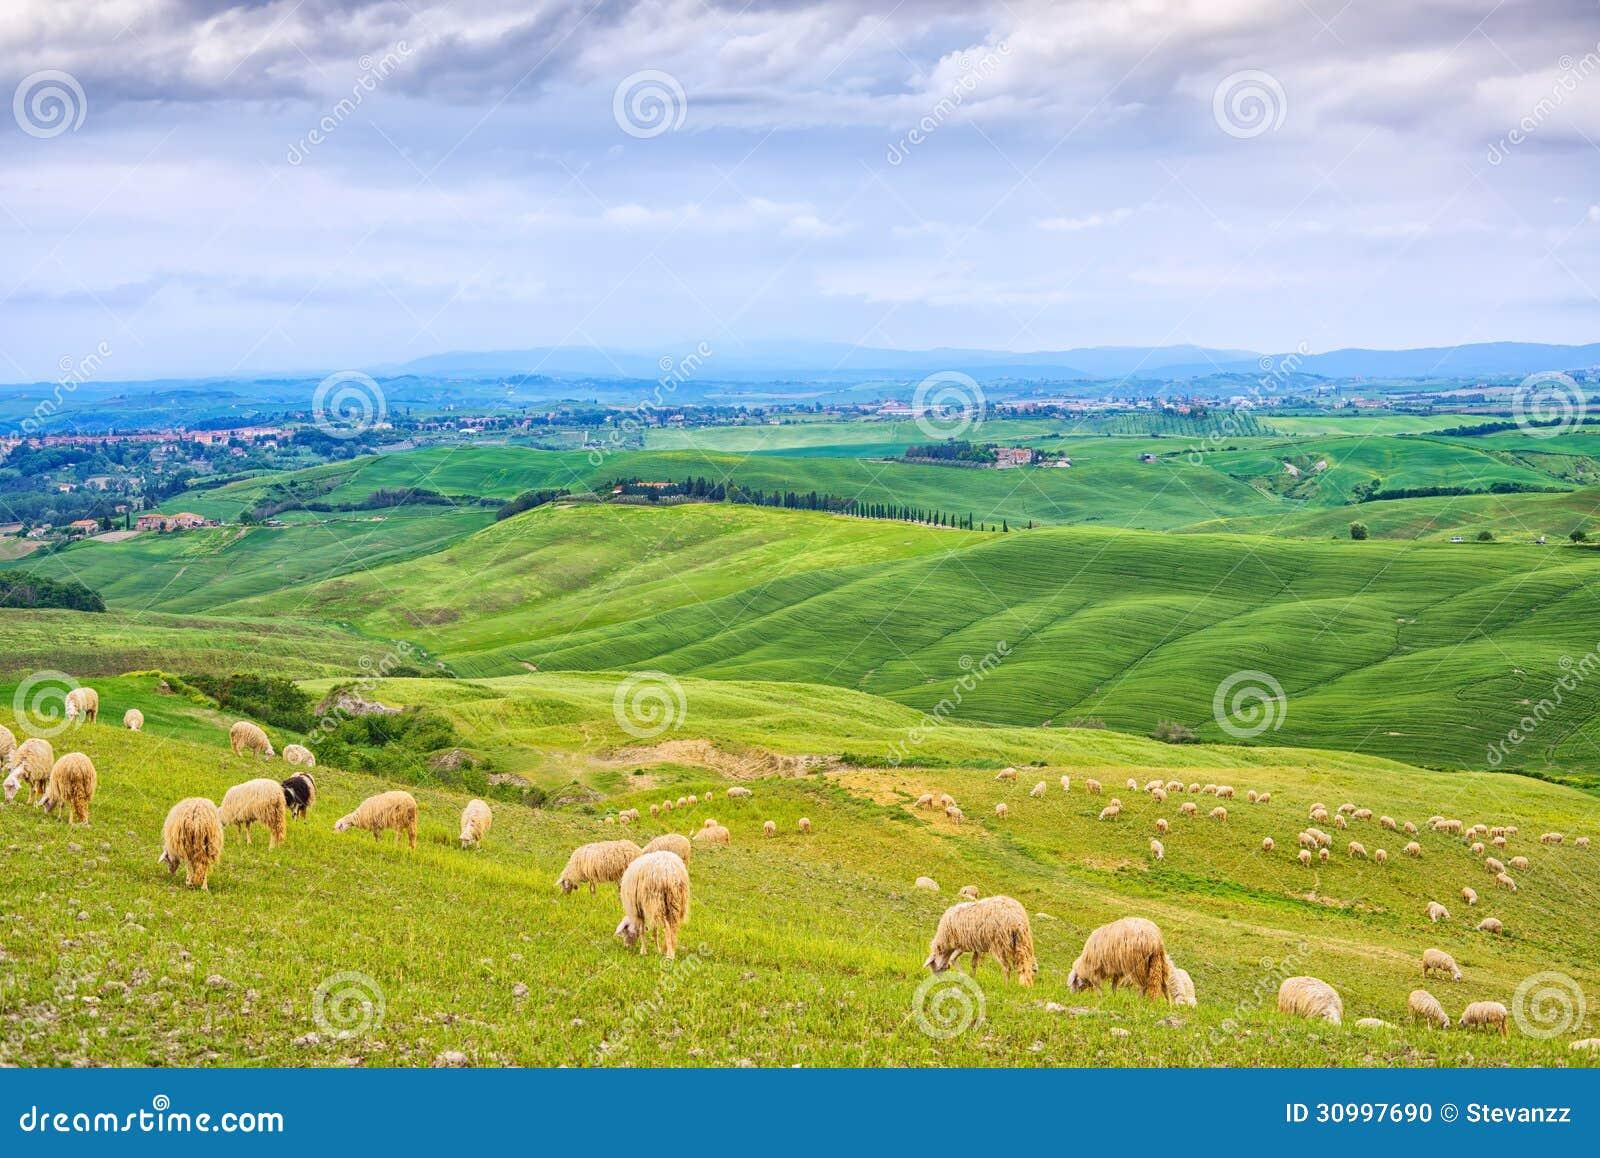 Schafe, die auf den grünen Gebieten in Orcia-Tal, Siena, Toskana, Italien weiden lassen